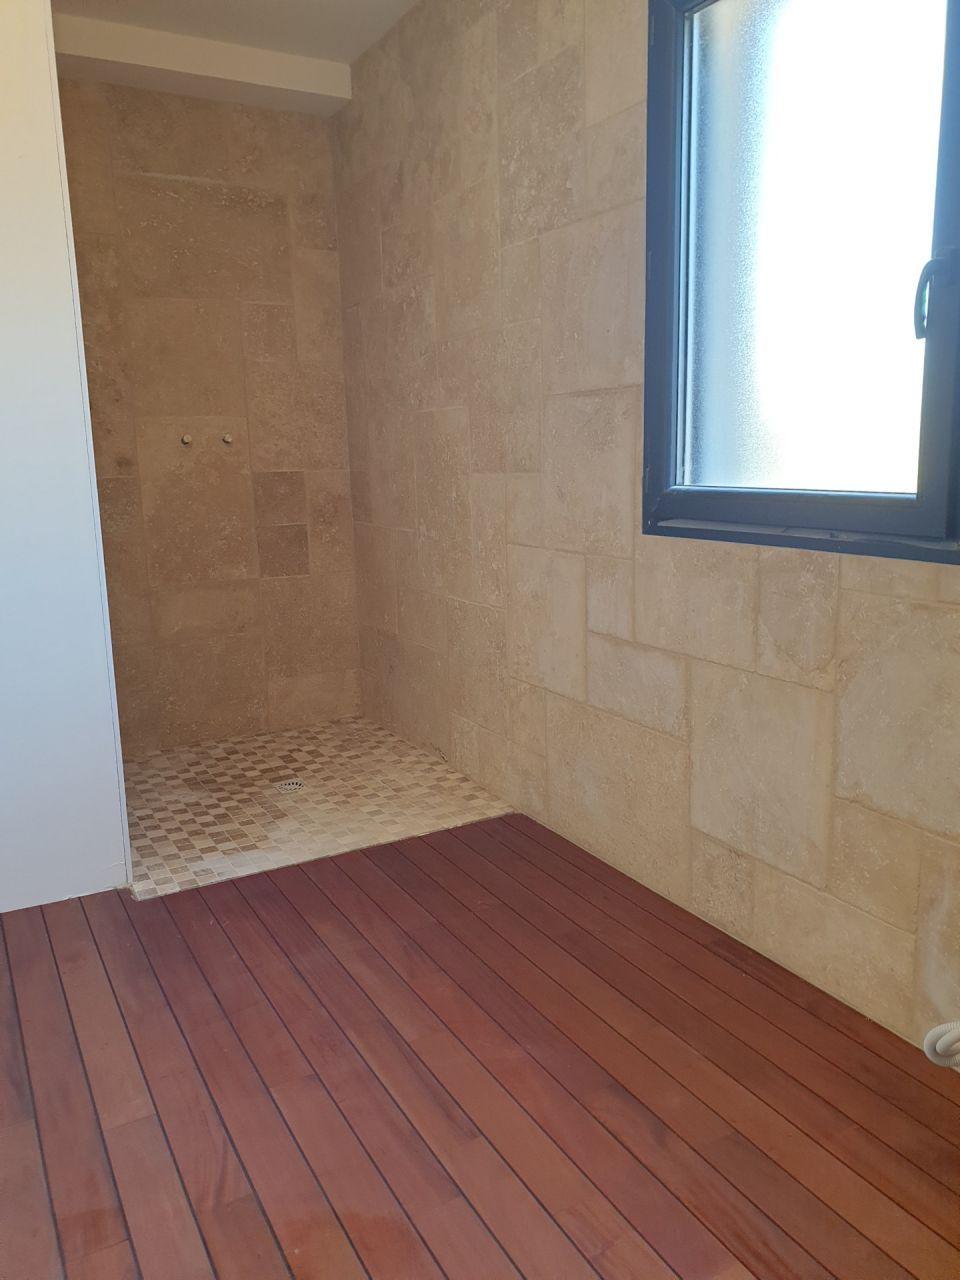 Apres La Pose Des Joints En 2020 Salle De Bain Piscine Interieure Chambre